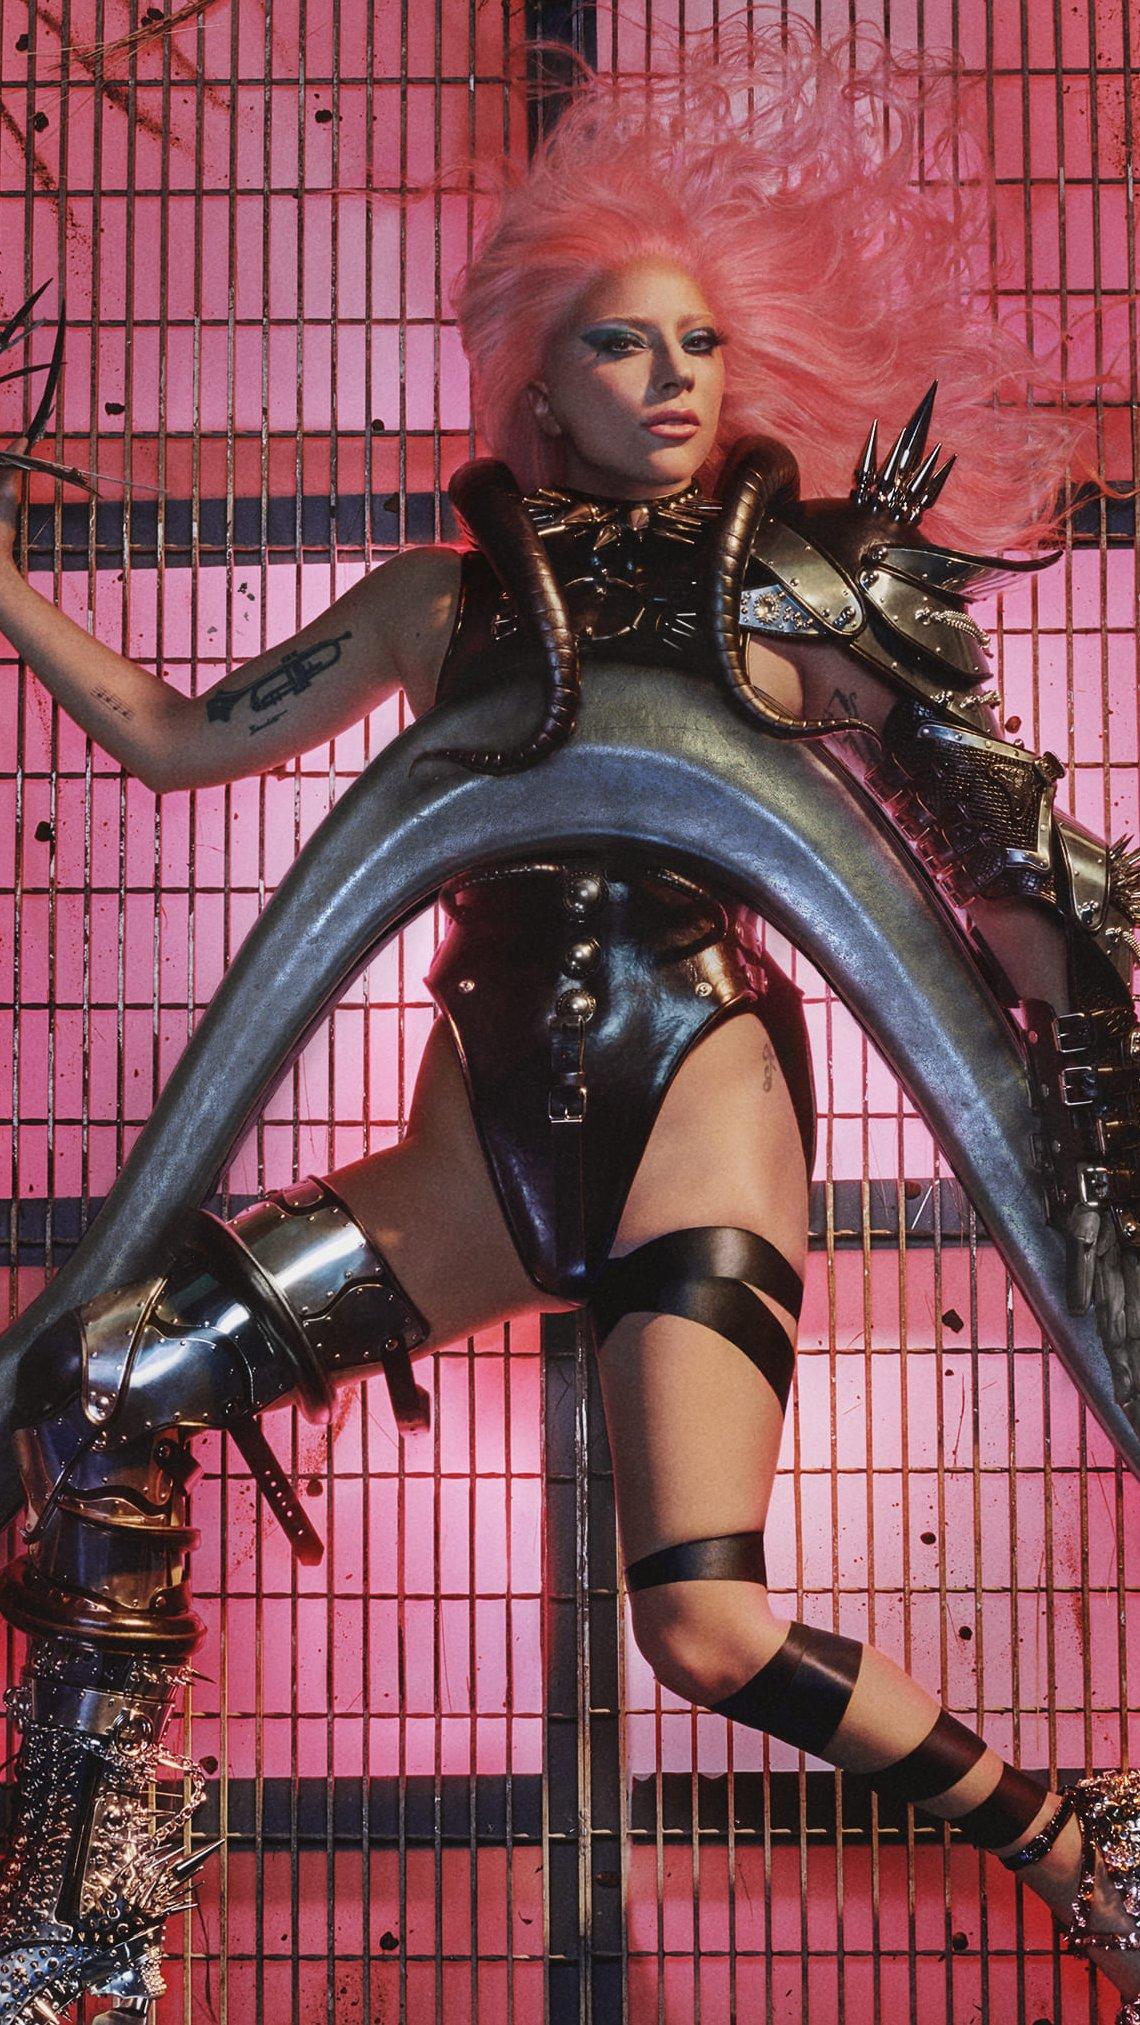 Fondos de pantalla Nuevo album de Lady Gaga Vertical